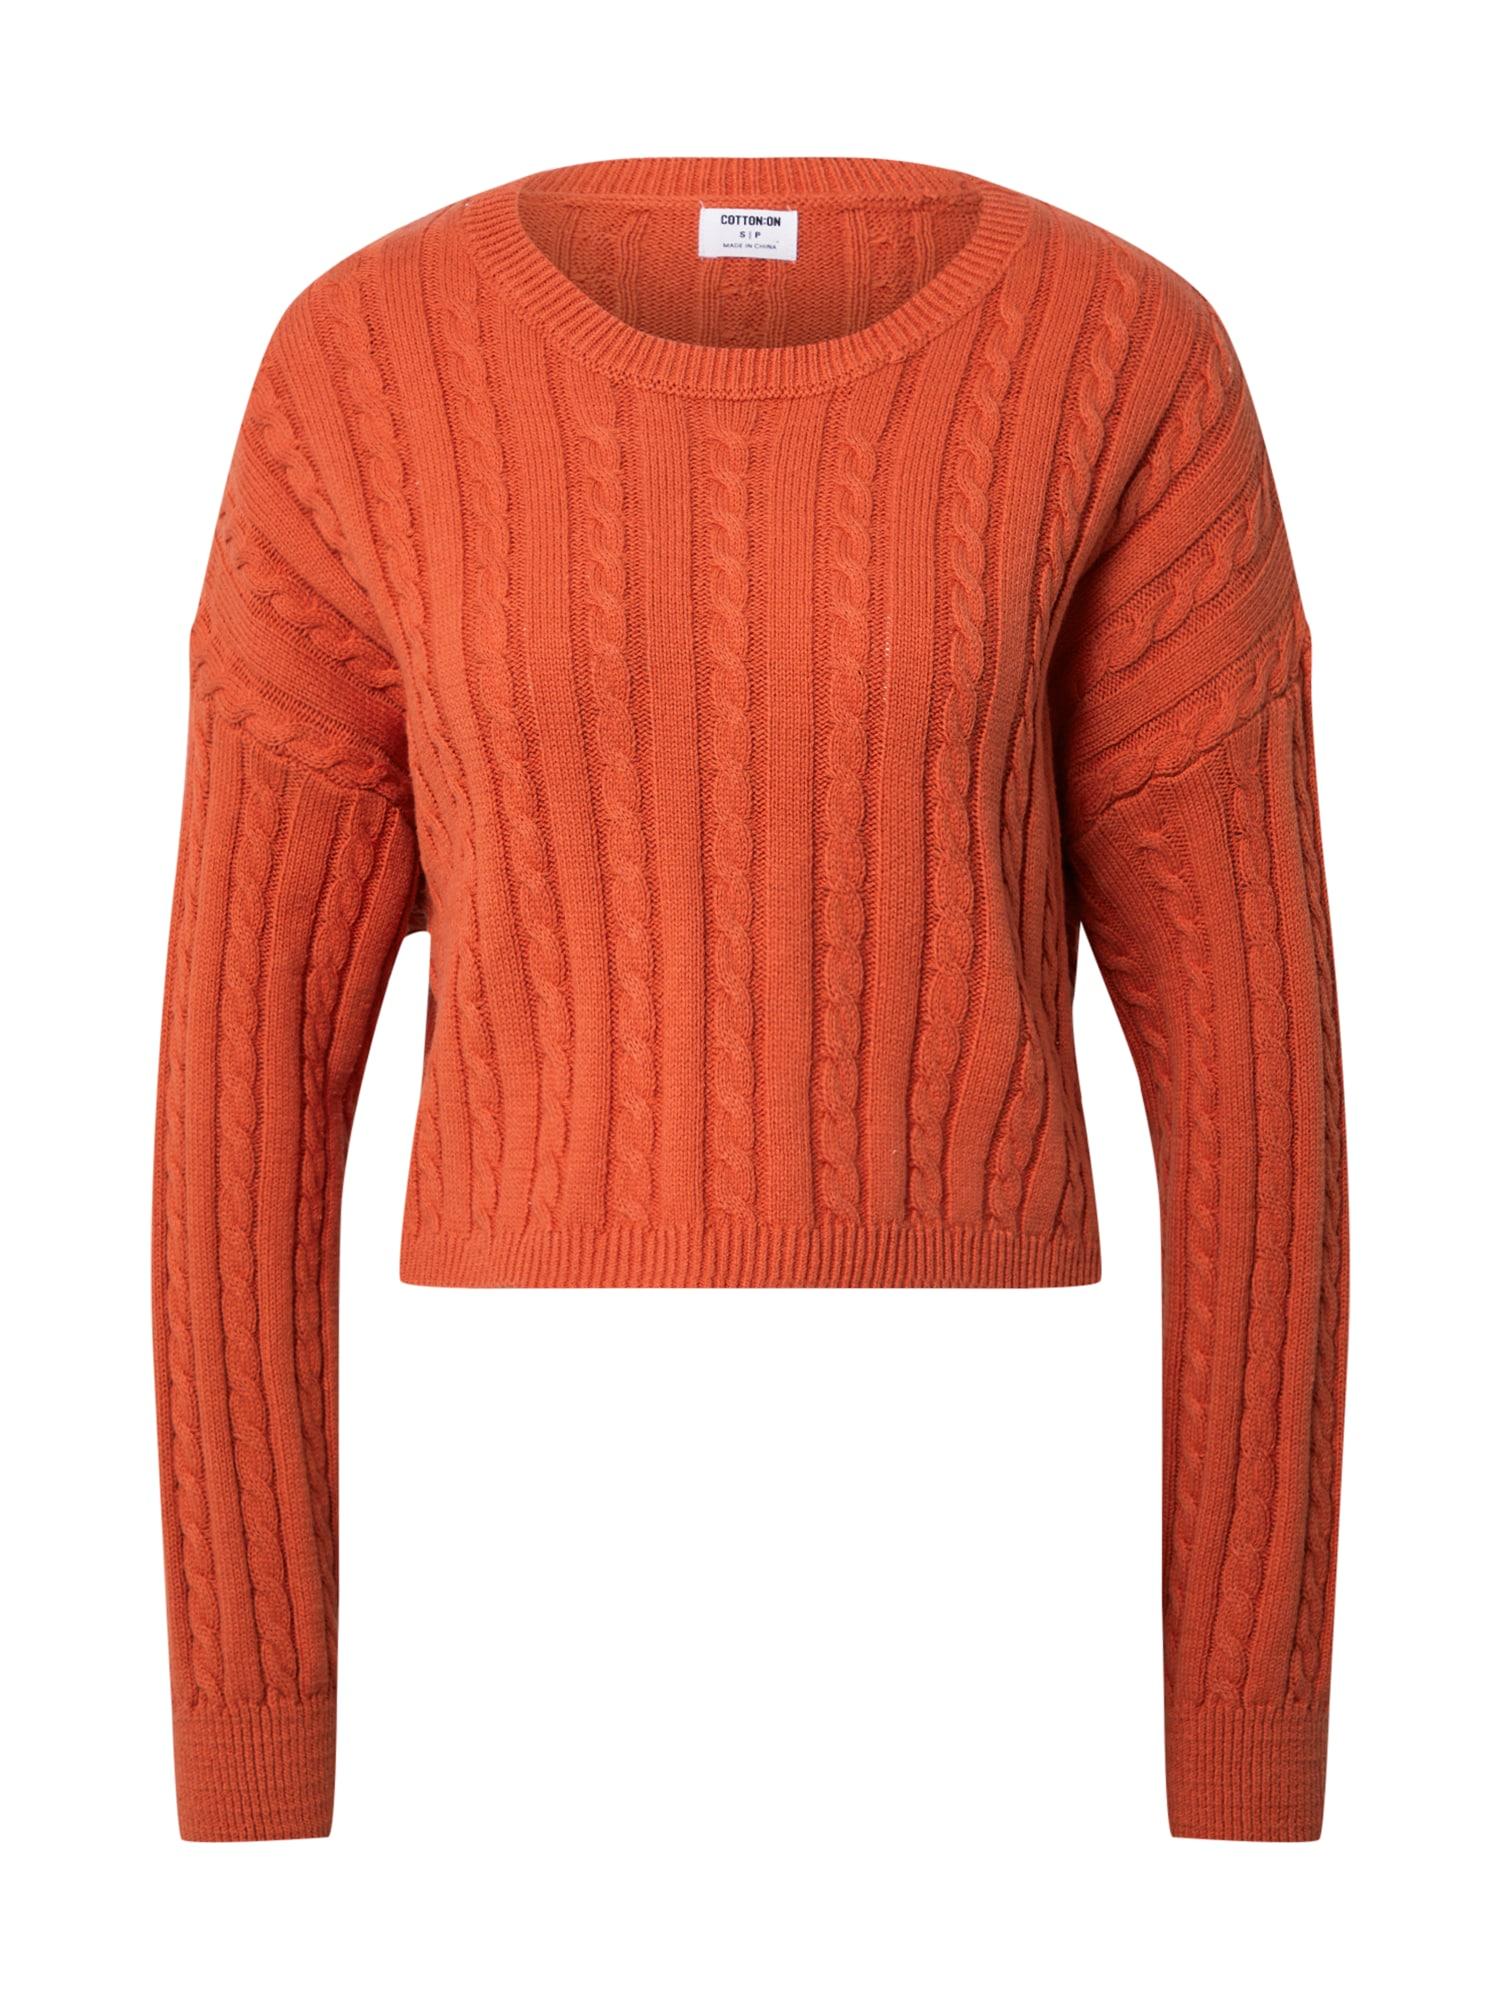 Cotton On Megztinis omarų spalva